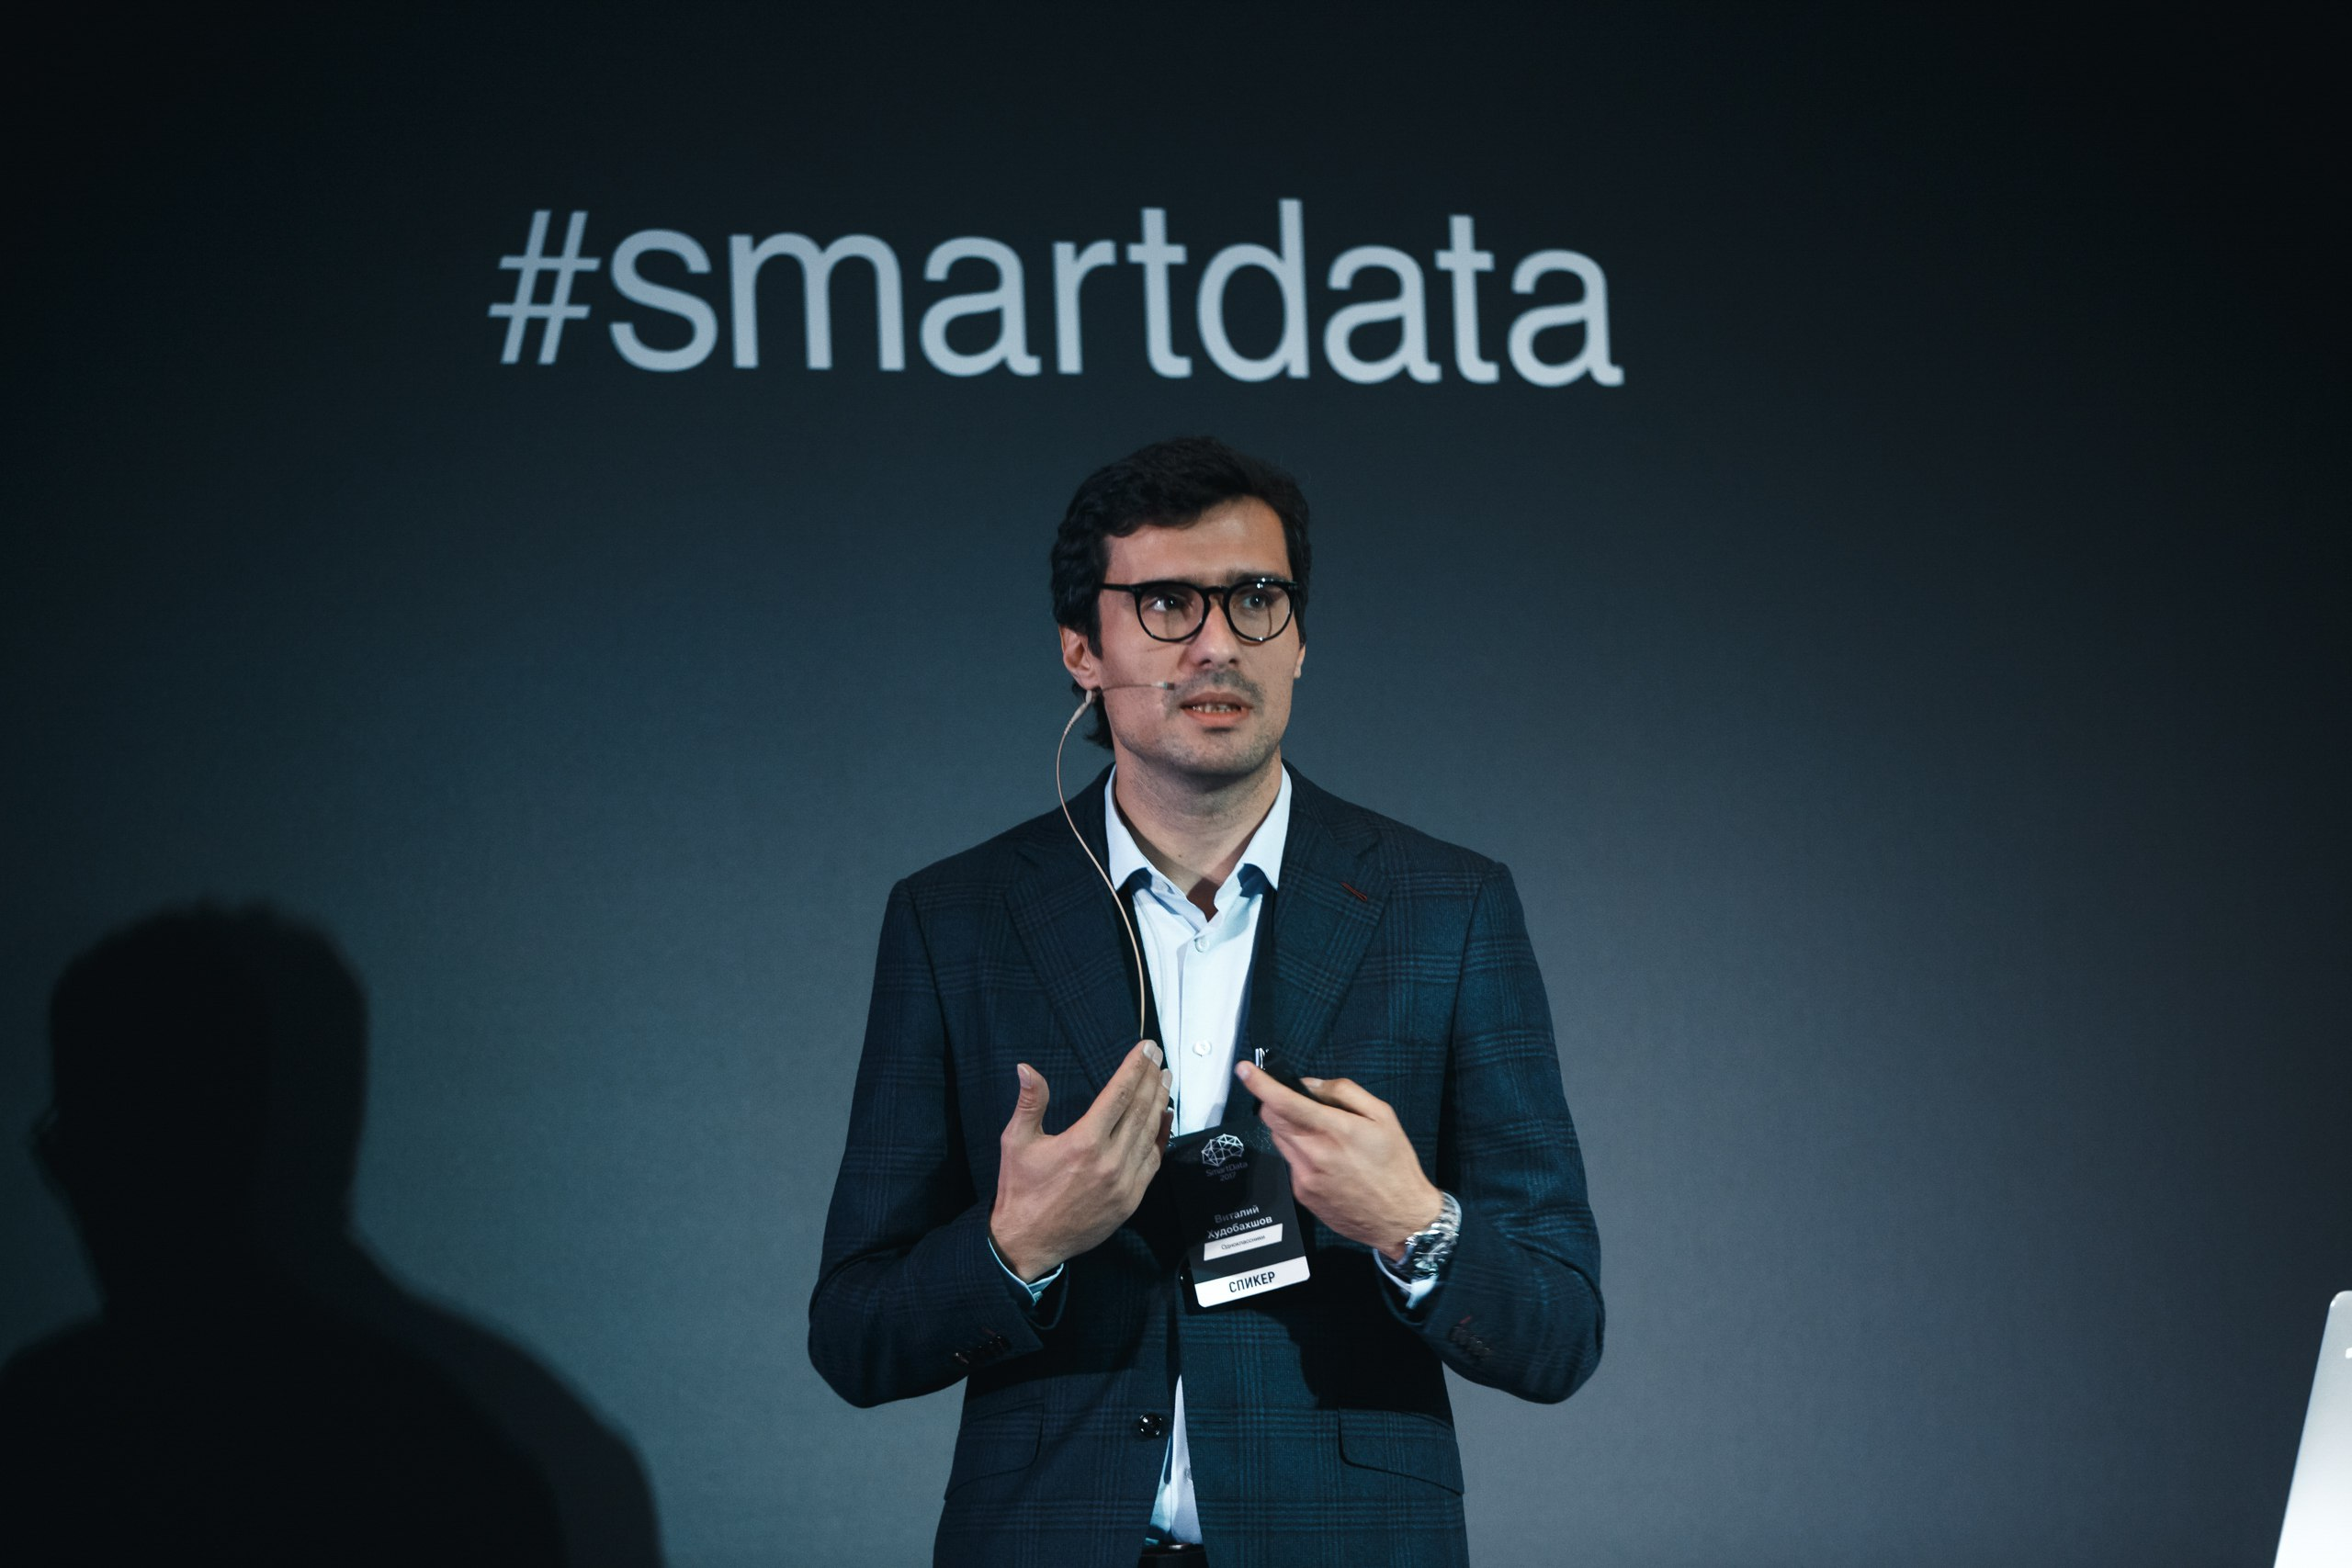 С точностью до сотых: топ-10 докладов SmartData 2017